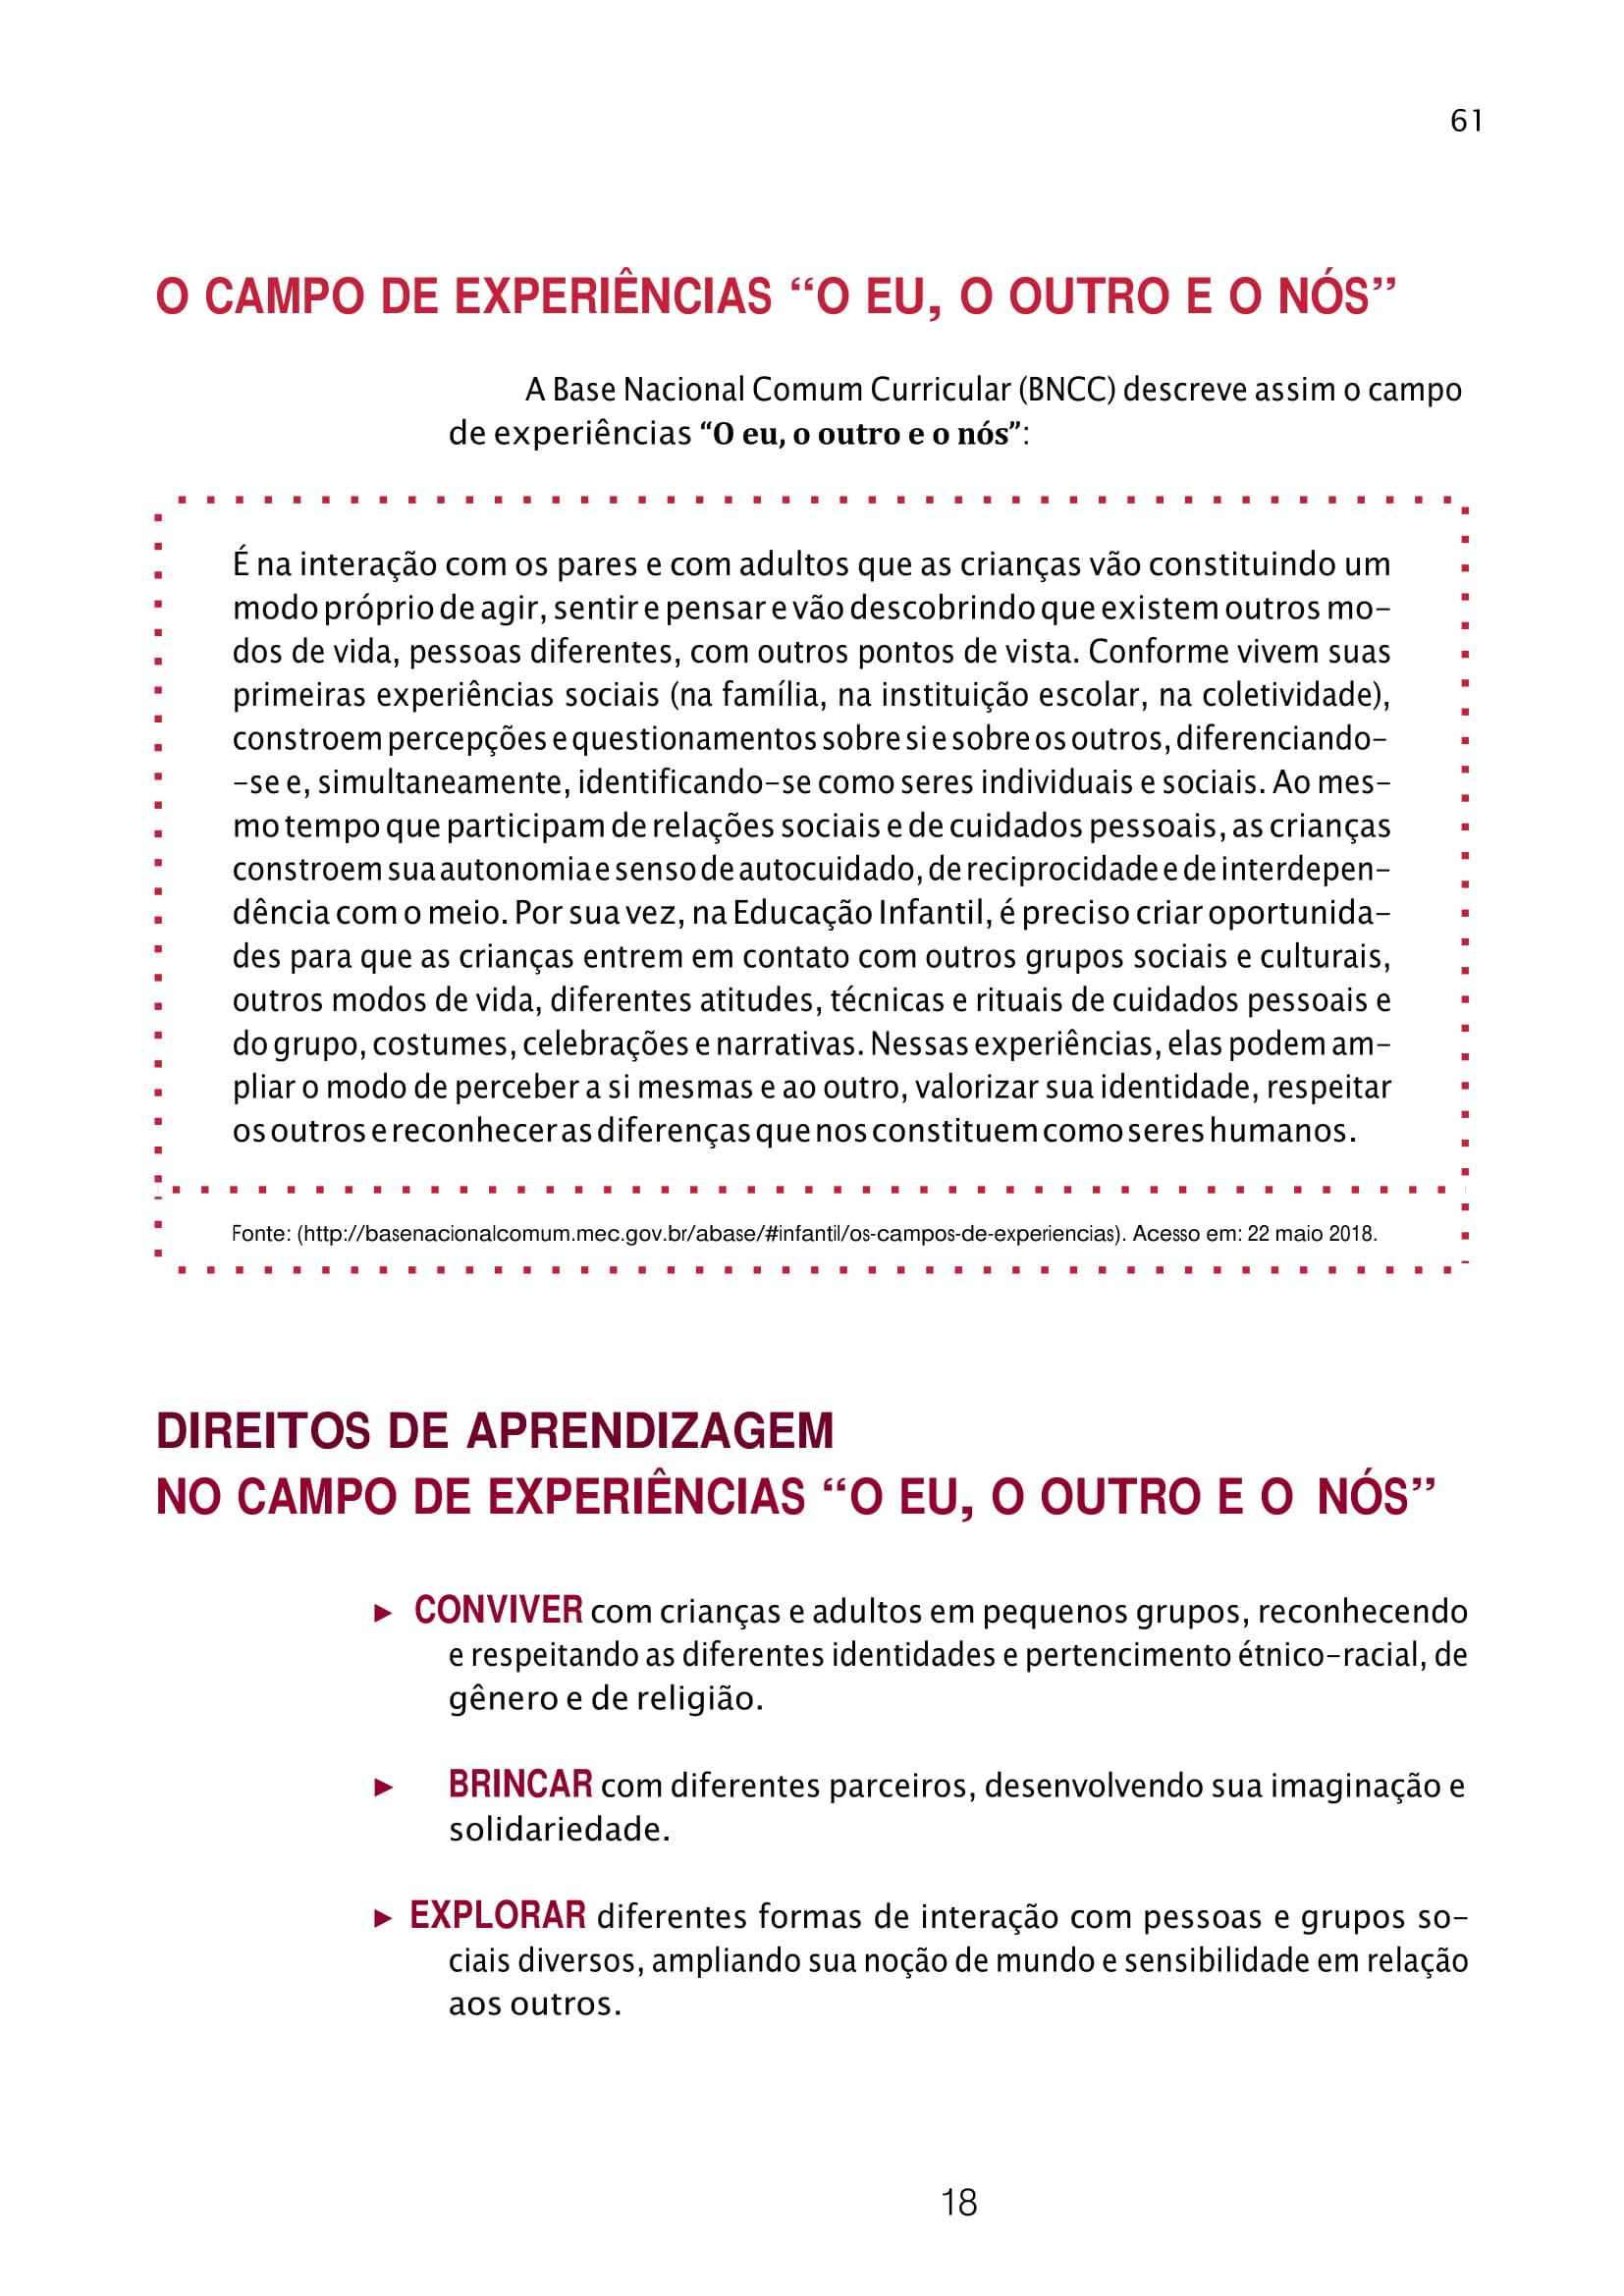 planejamento-educação-infantil-bncc-geral-91